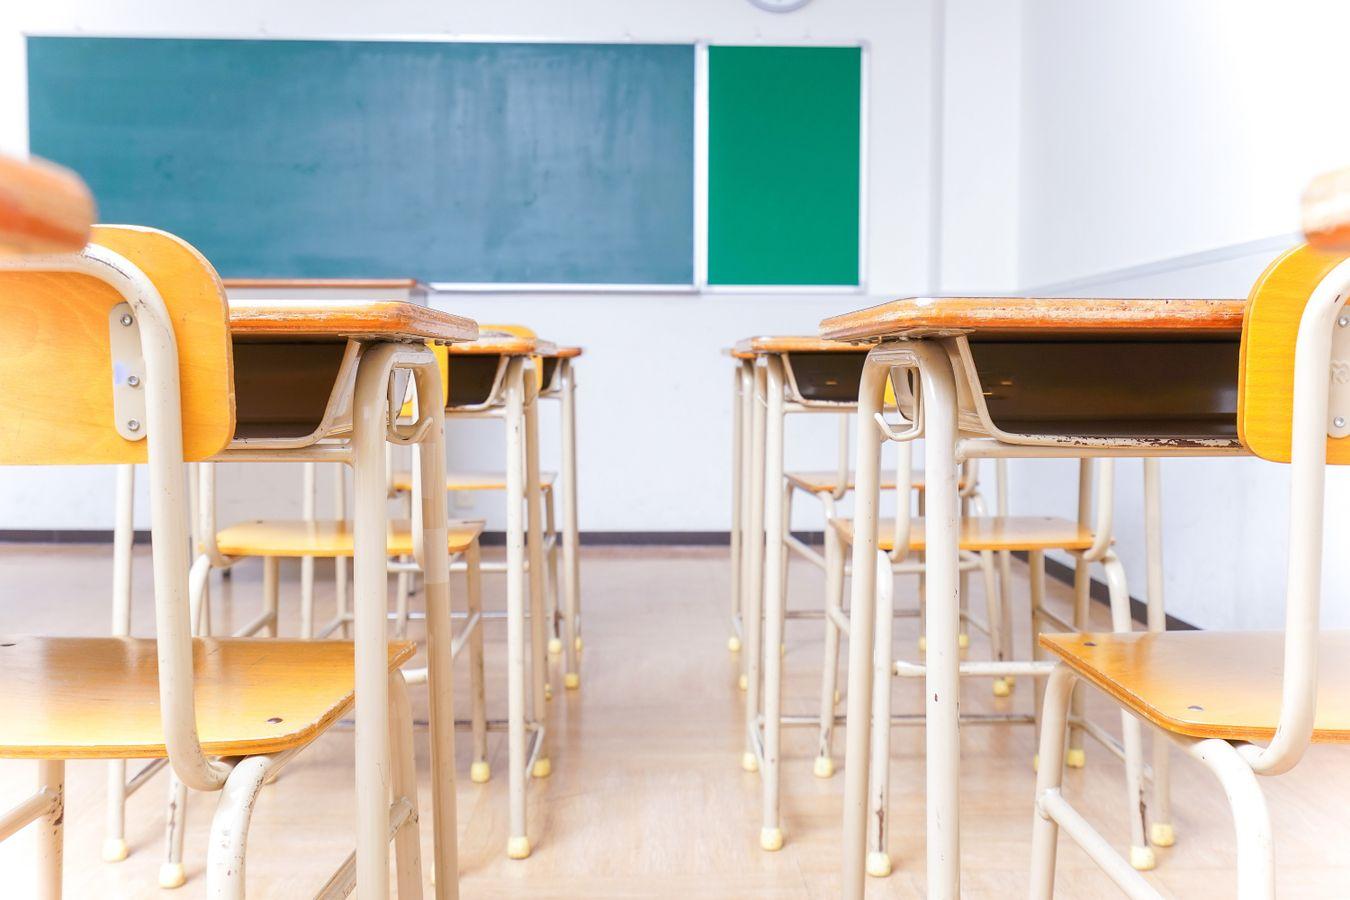 Du décrochage scolaire à l'intégration dans la vie professionnelle : quelles stratégies et quelles pratiques d'insertion ?